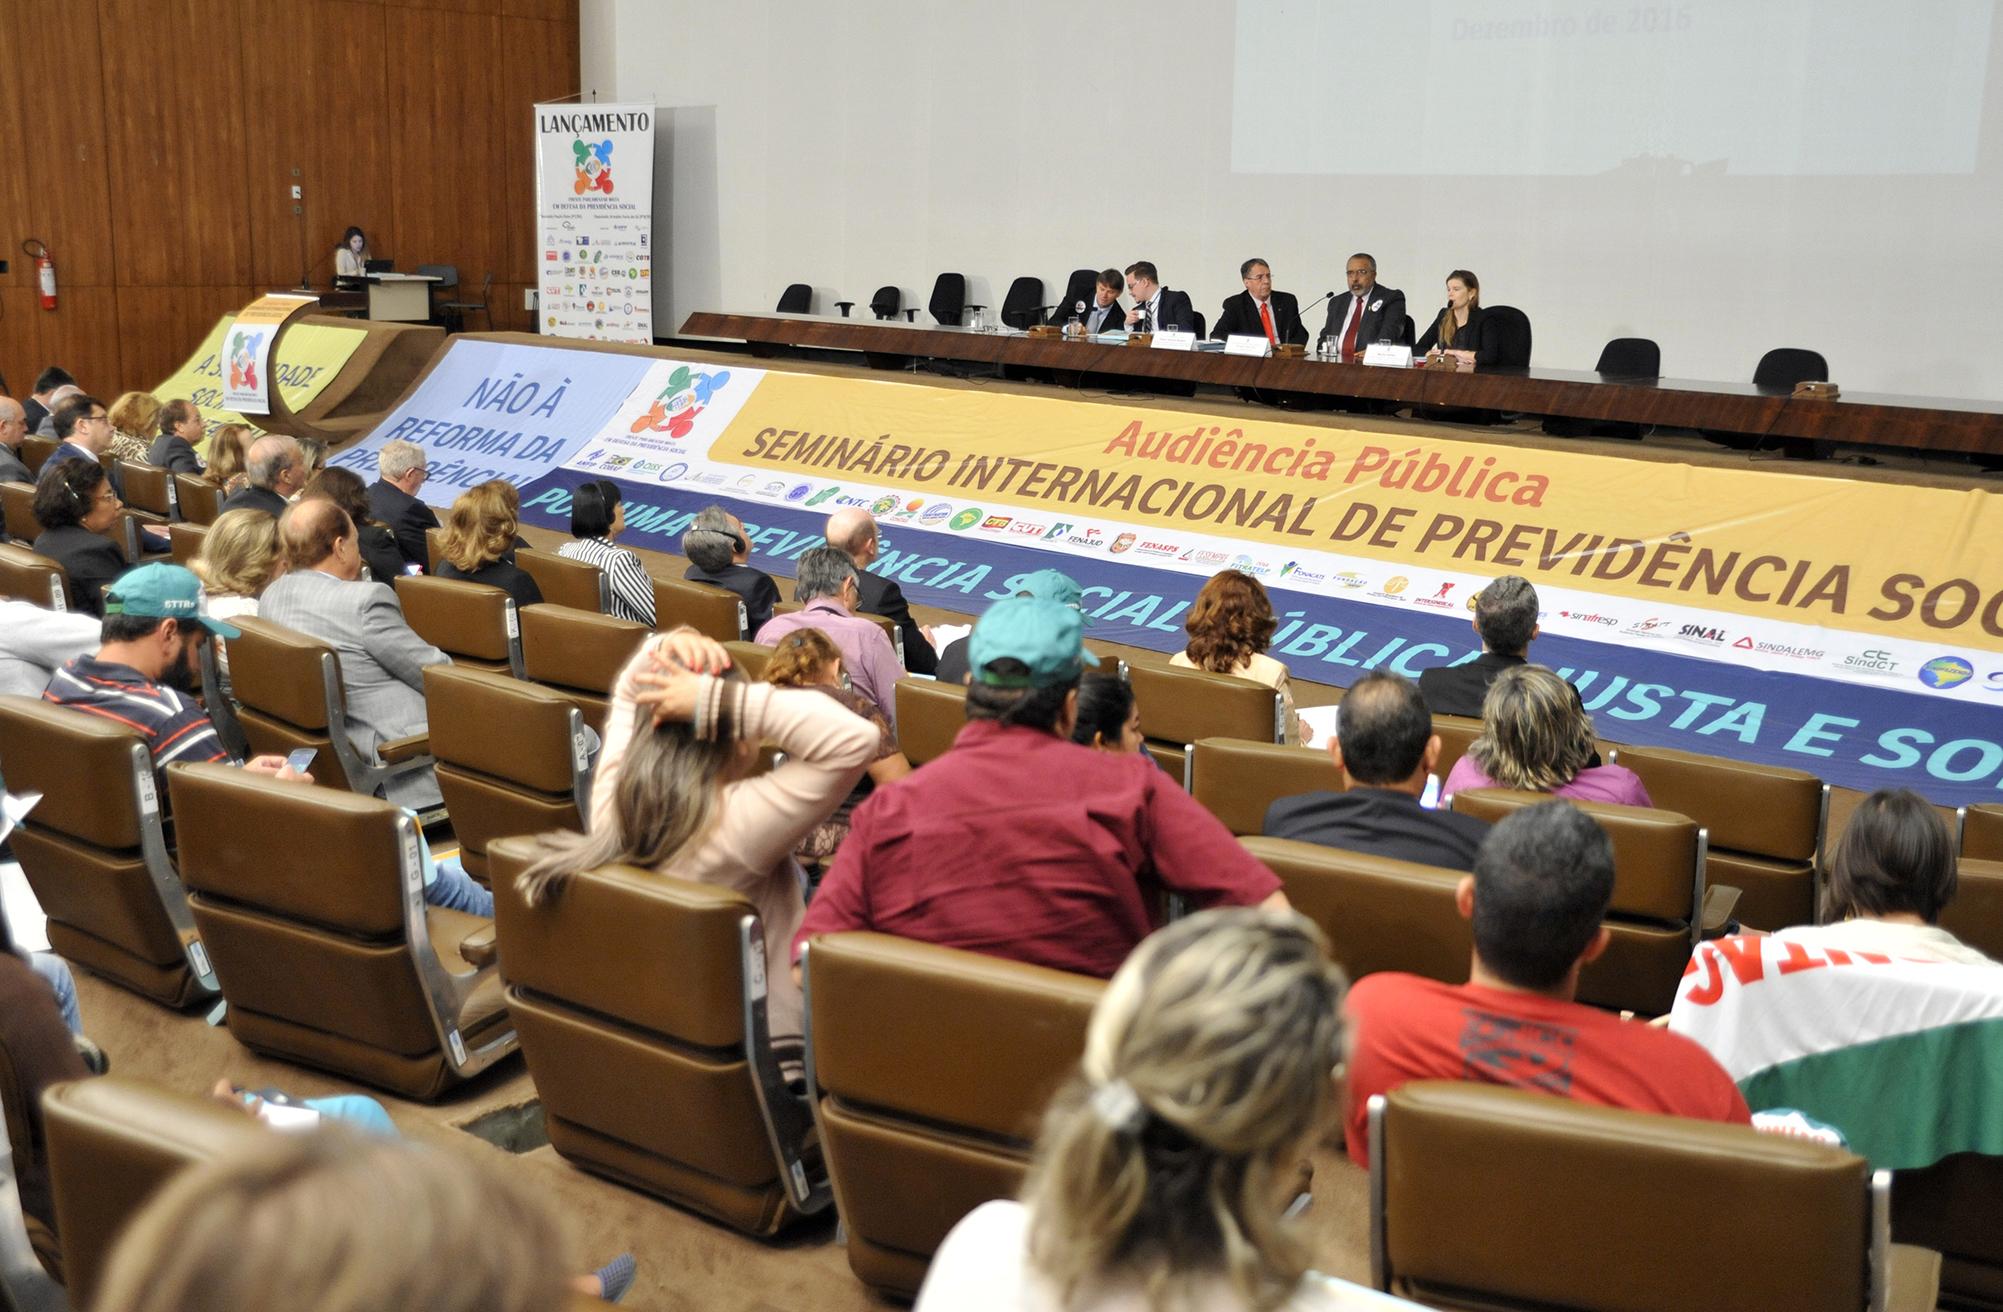 Associação Nacional dos Auditores Fiscais da Receita Federal do Brasil (ANFIP), Frente Parlamentar Mista em Defesa da Previdência Social e Comissão de Direitos Humanos e Legislação Participativa (CDH) do Senado realizam Seminário Internacional de Previdência Social